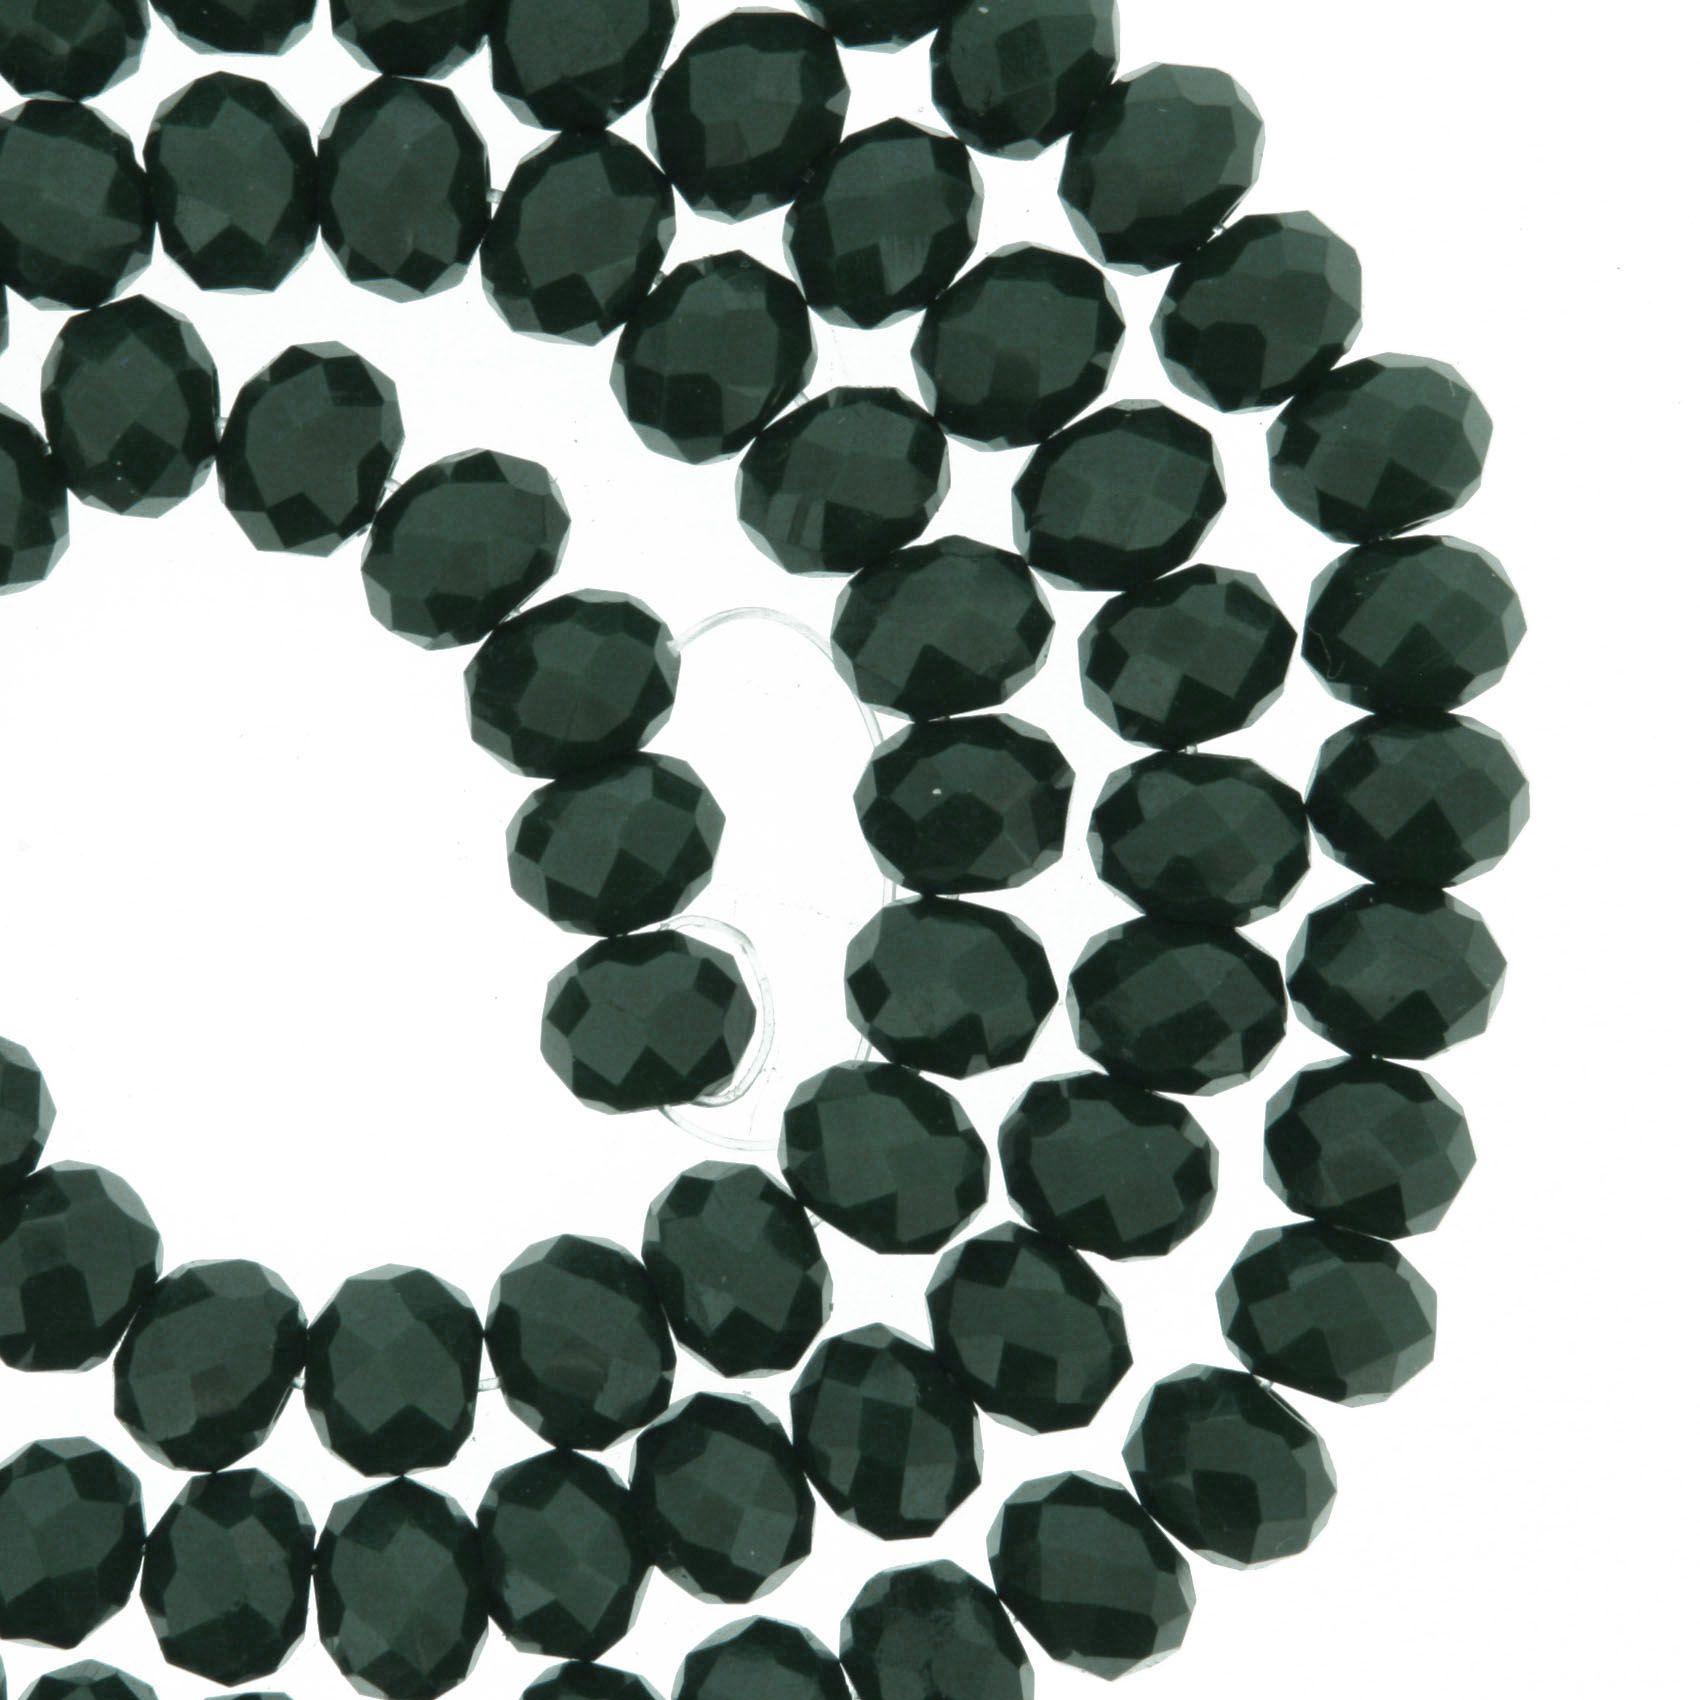 Fio de Cristal - Flat® - Verde Escuro - 6mm  - Stéphanie Bijoux® - Peças para Bijuterias e Artesanato